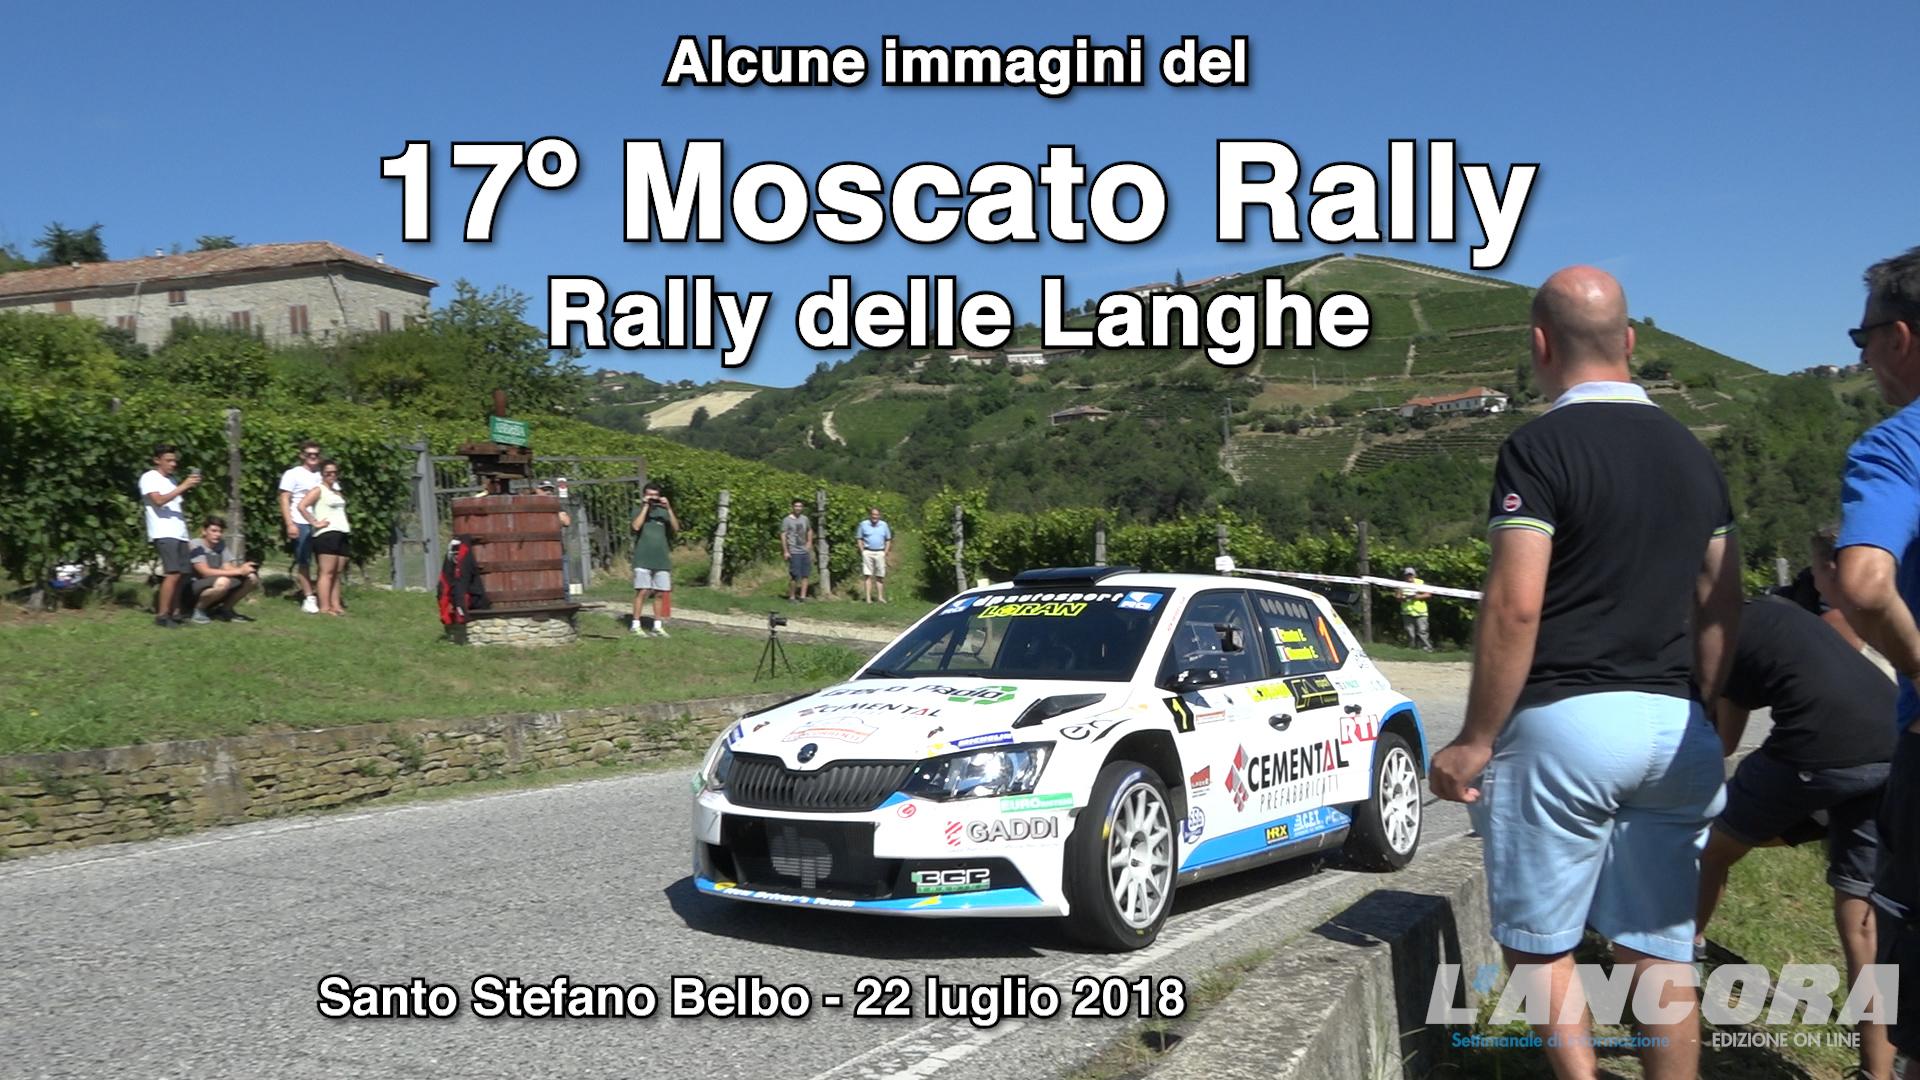 Santo Stefano Belbo - Moscato Rally, alcune immagini (VIDEO)